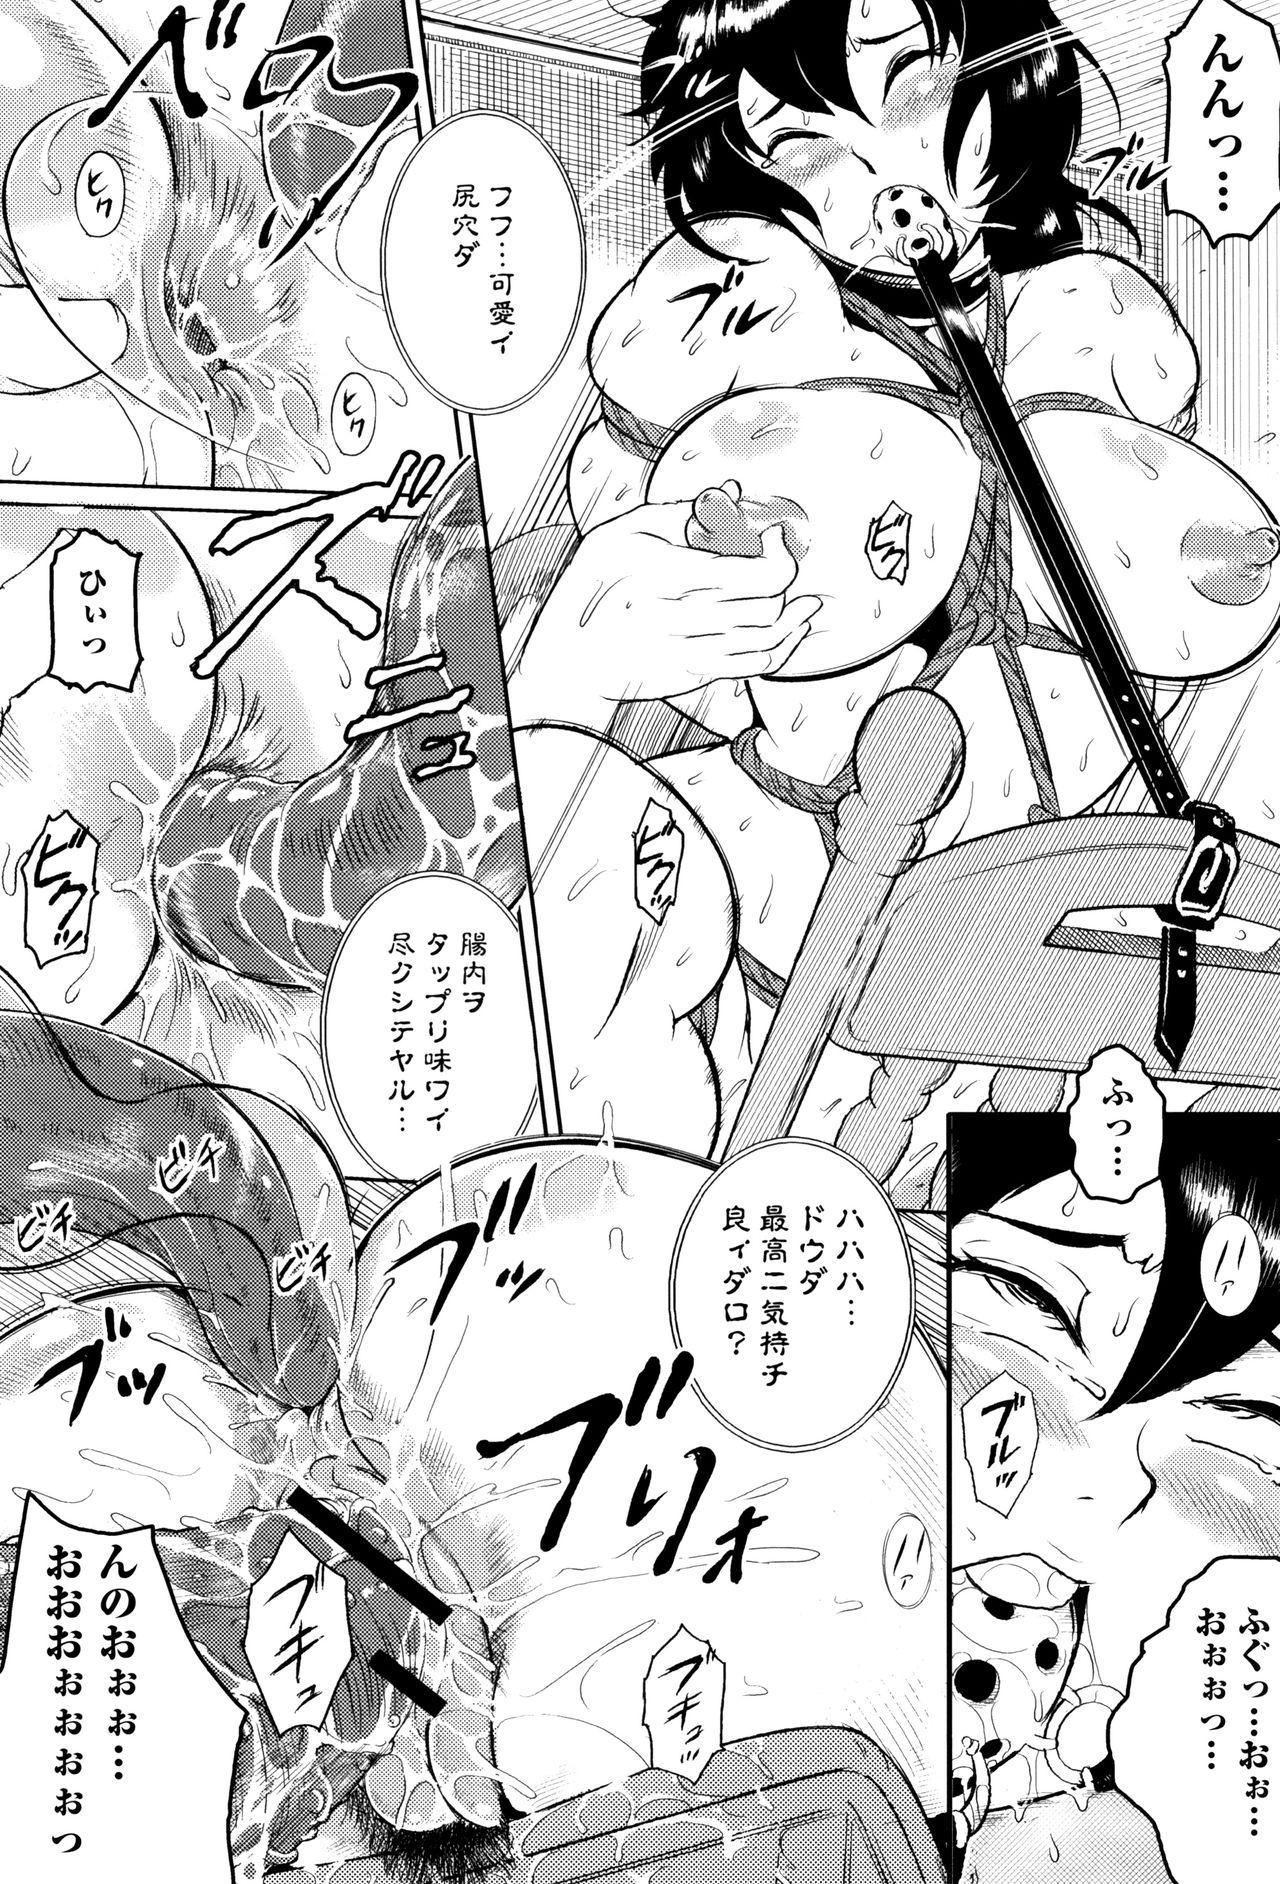 Ero BBA ♥ Dosukebe Ha Sengen 221